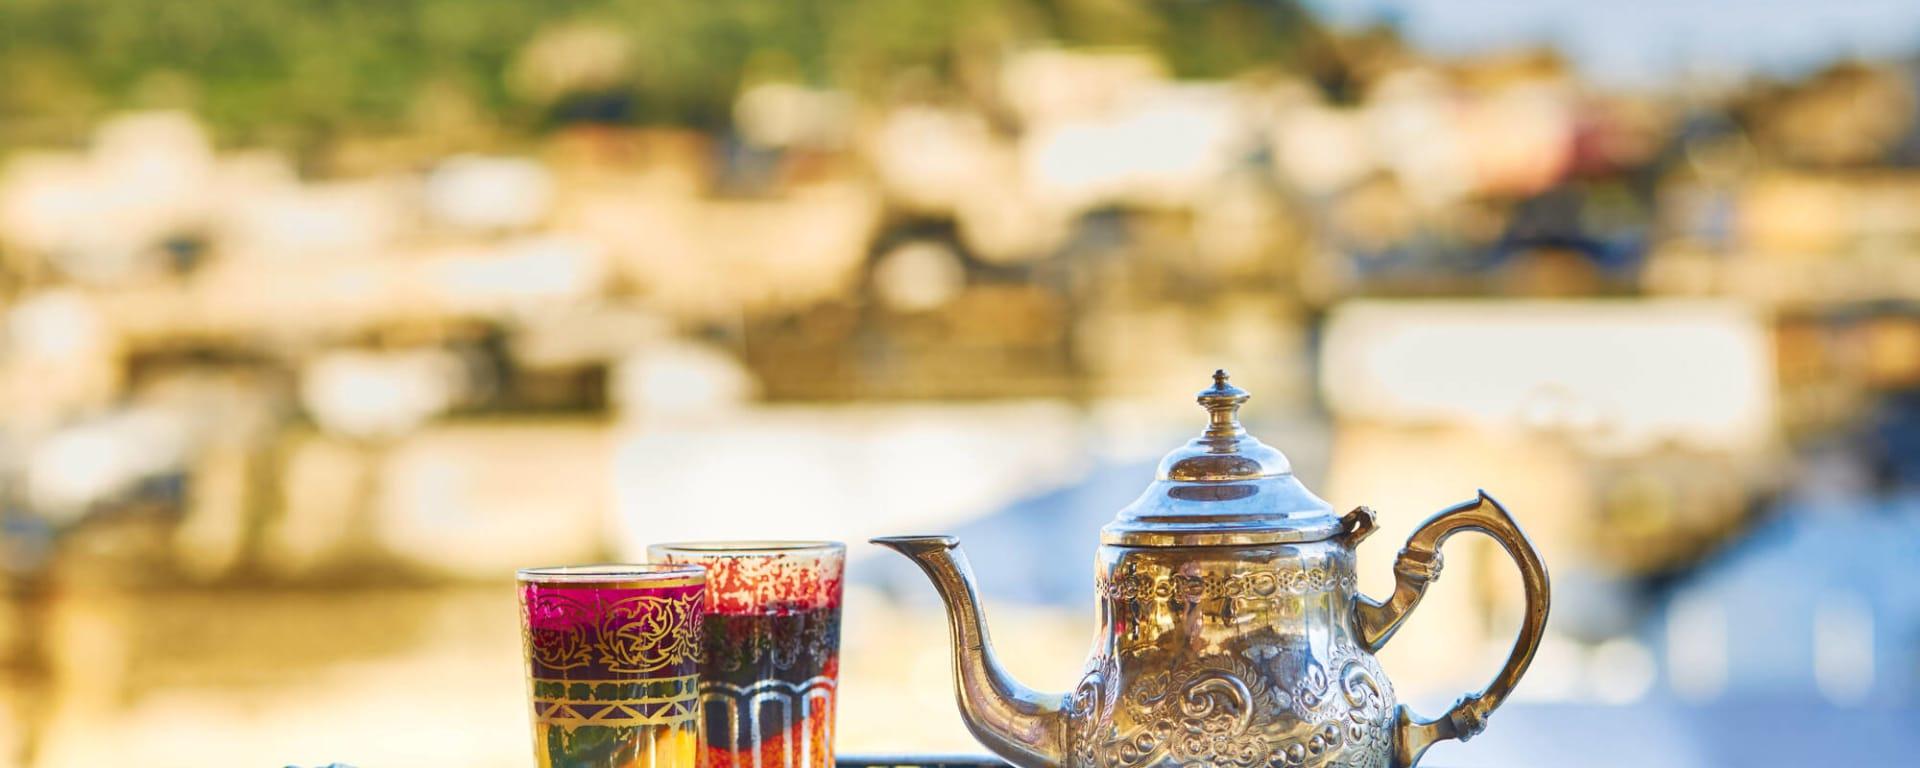 Marokko für Genießer: Die Glanzlichter des Königreichs ab Casablanca: Marokko Traditioneller Minztee